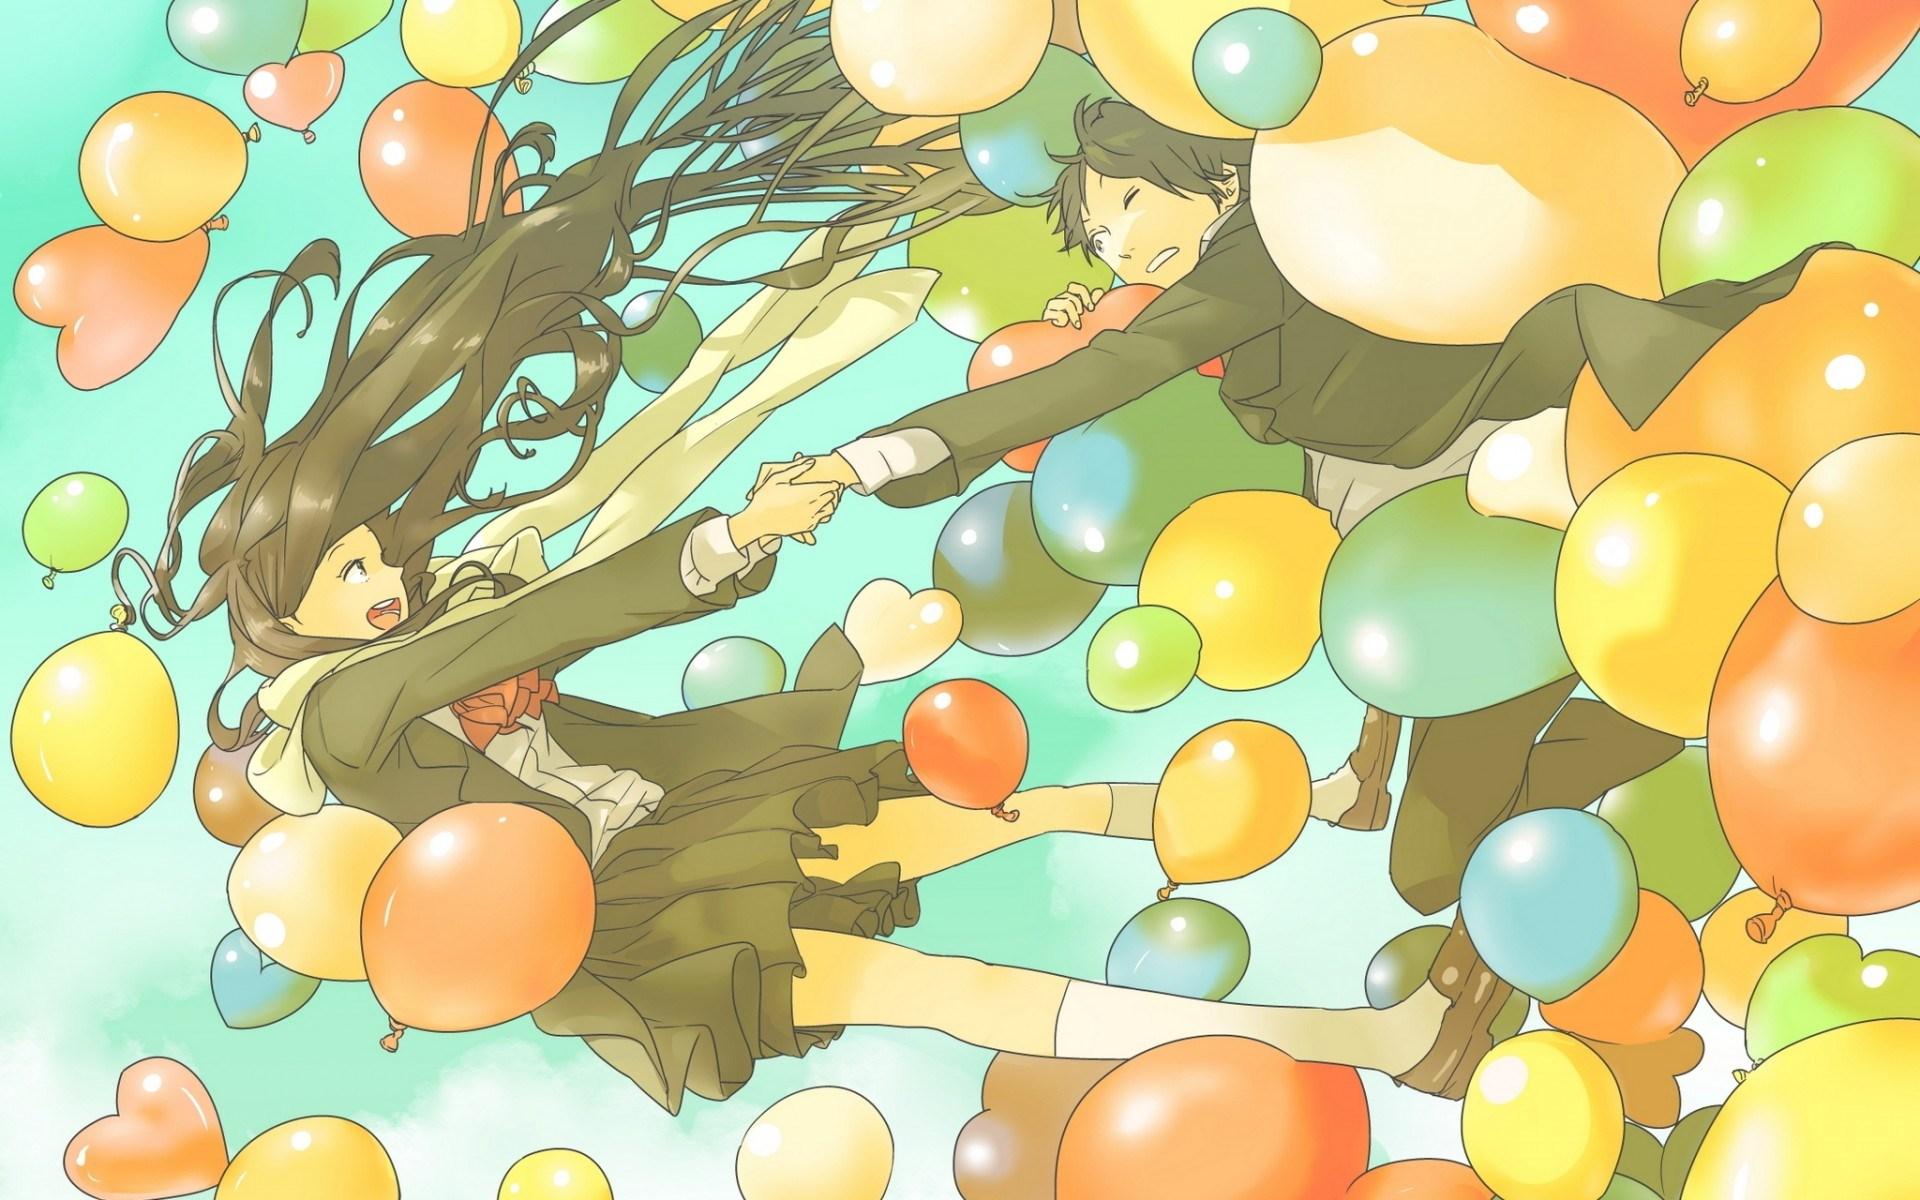 Art Girl Boy Couple Balloons